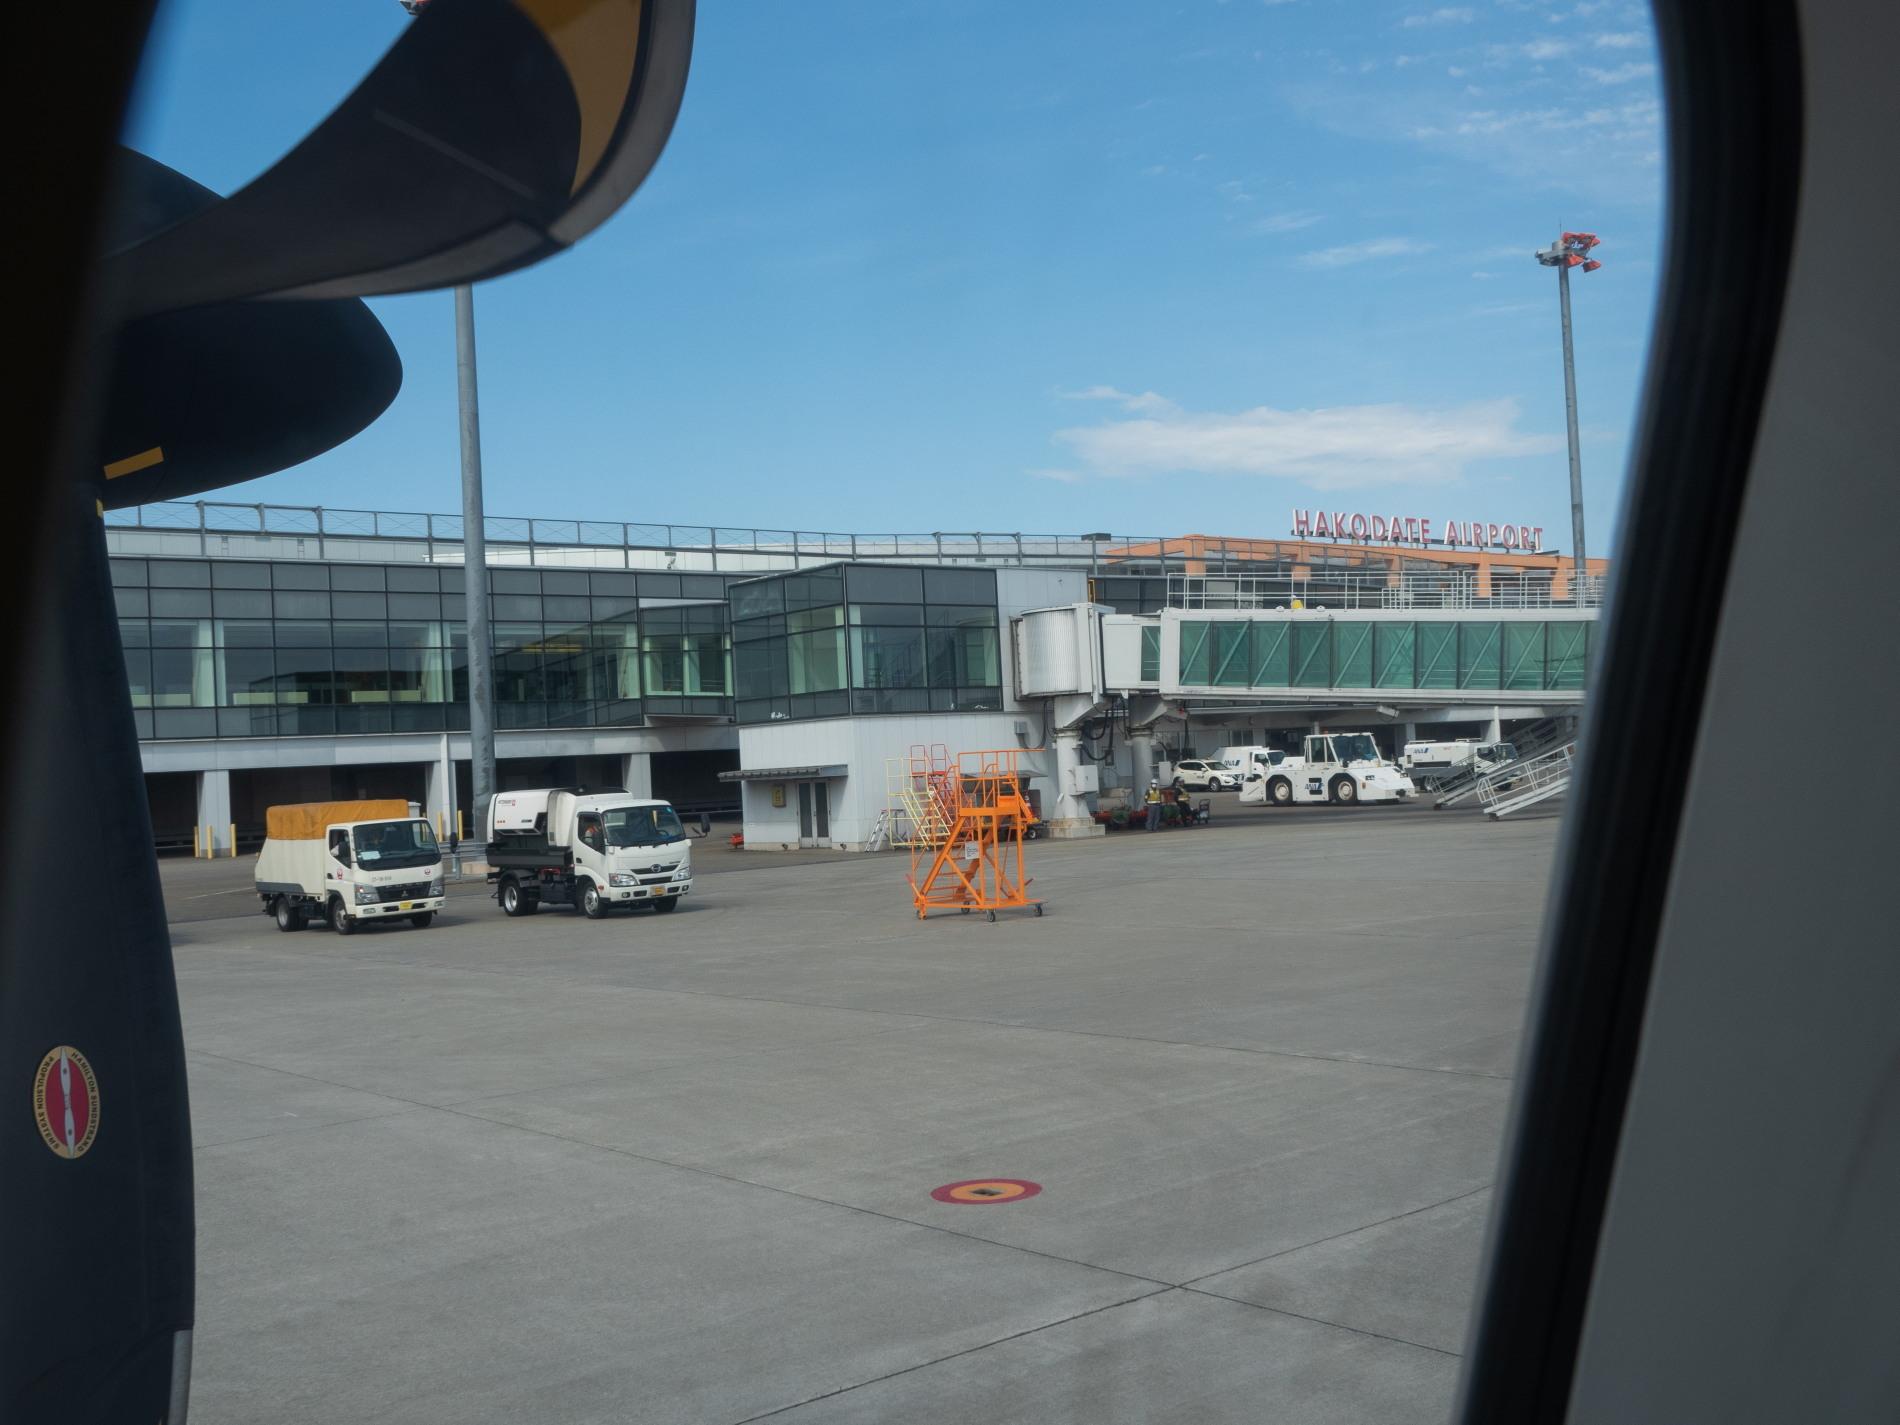 北海道エアシステムの新機材ATR42に乗って・・函館へ(1)_f0276498_13131846.jpg